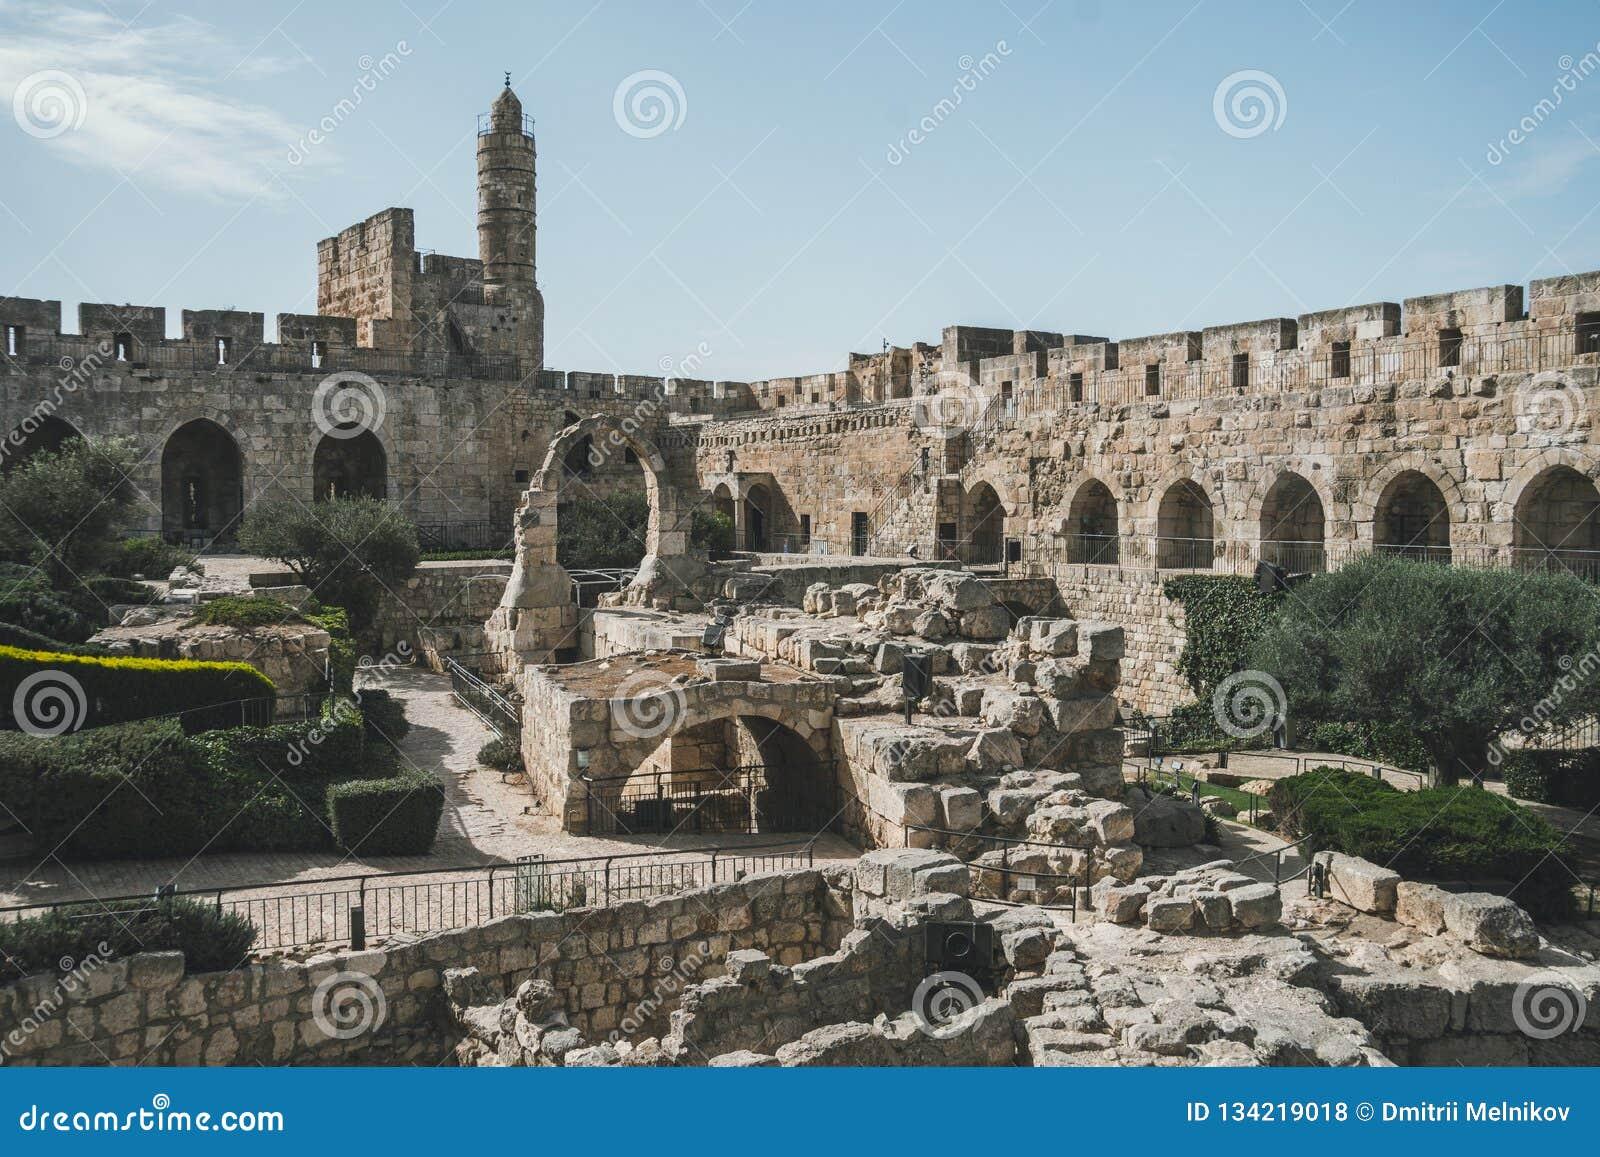 Башня цитадели Дэвида или Иерусалима Израиль Иерусалим Двор, за высокой каменной стеной Осмотр достопримечательностей в старом го